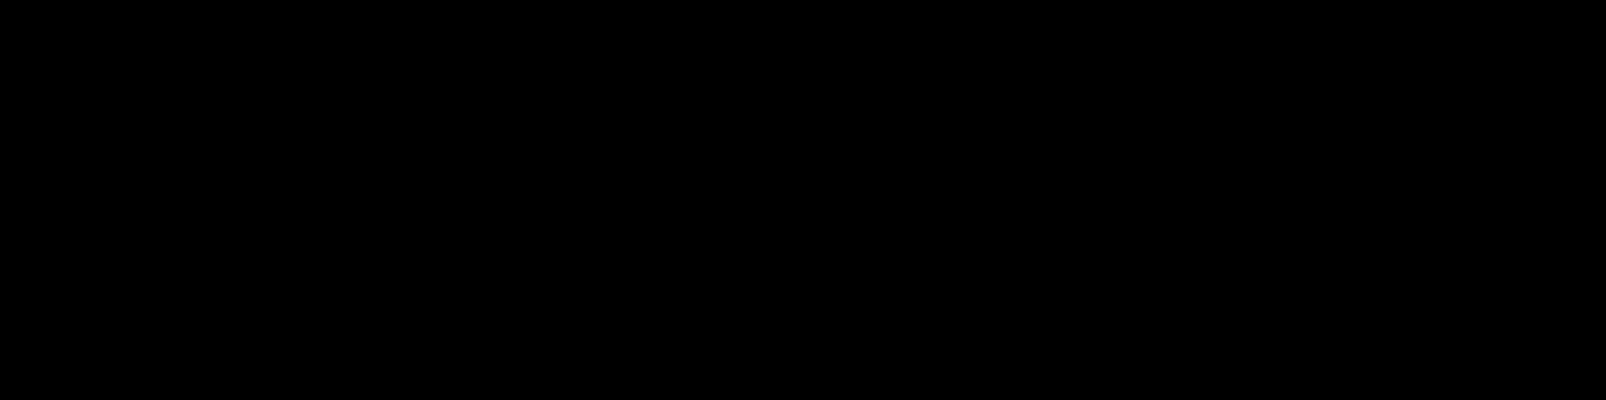 Daniel Realty & Insurance Logo